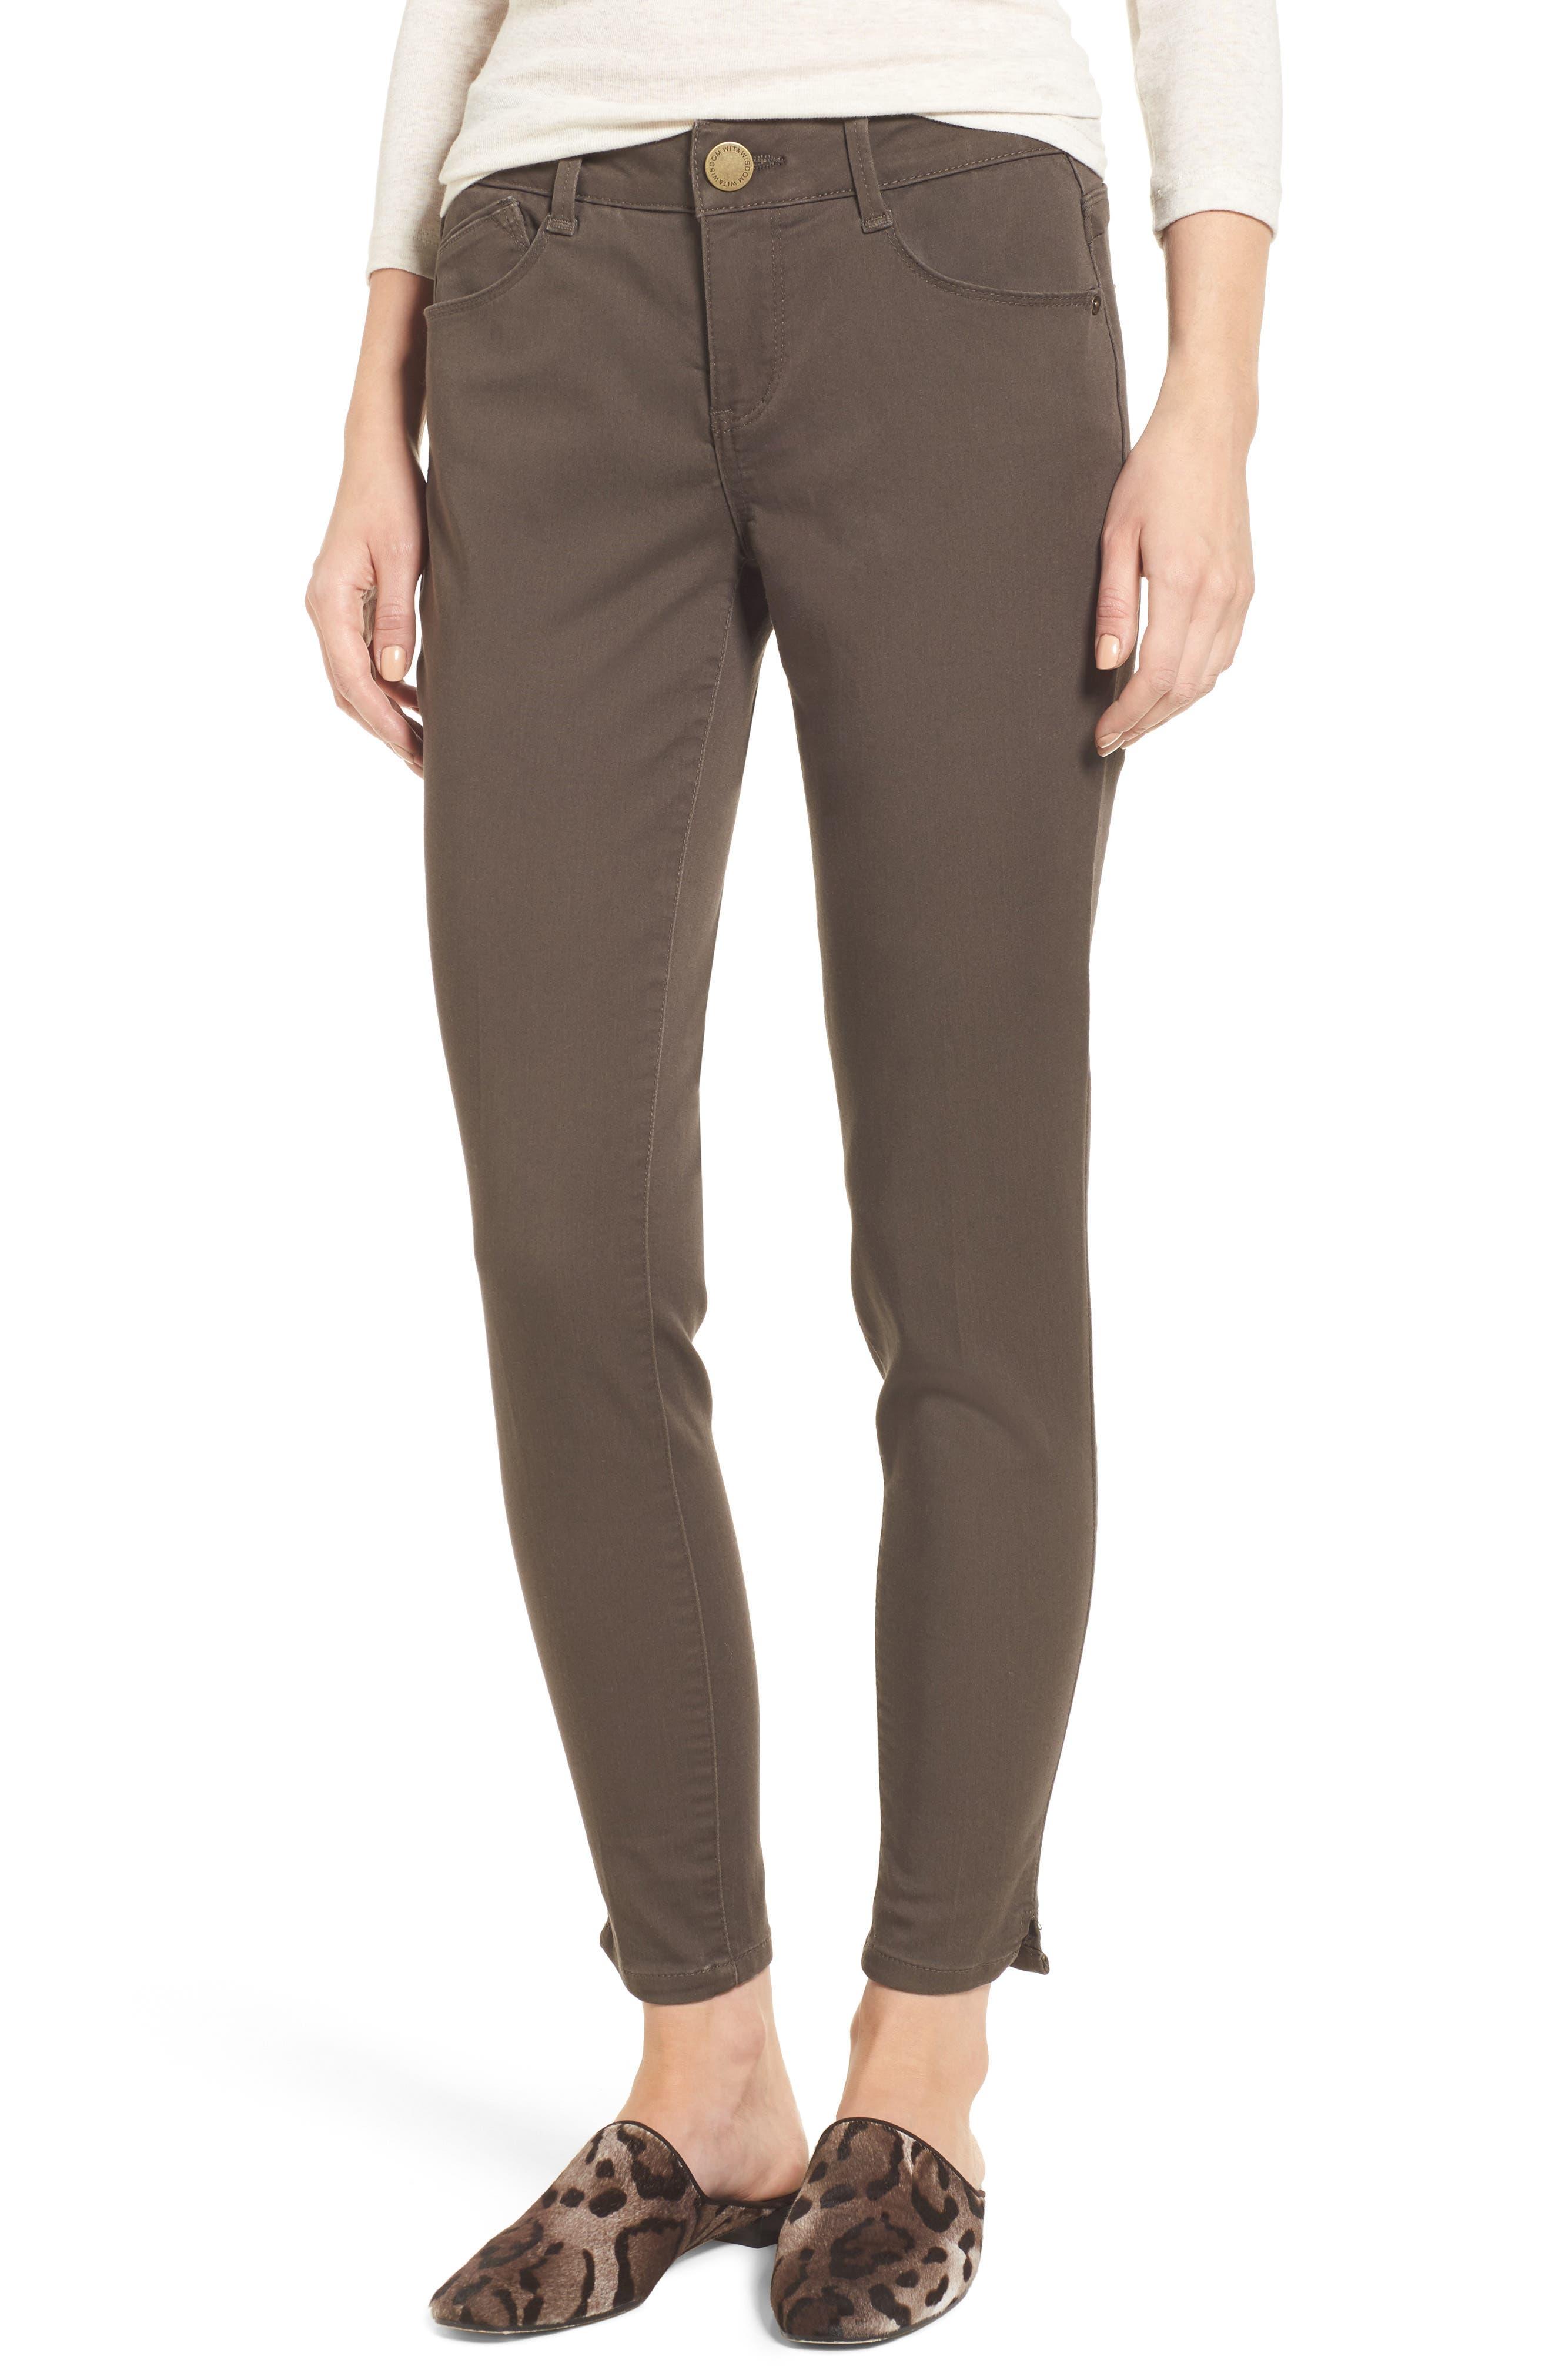 Womens Brown Capri Pants t4Cg7GL2